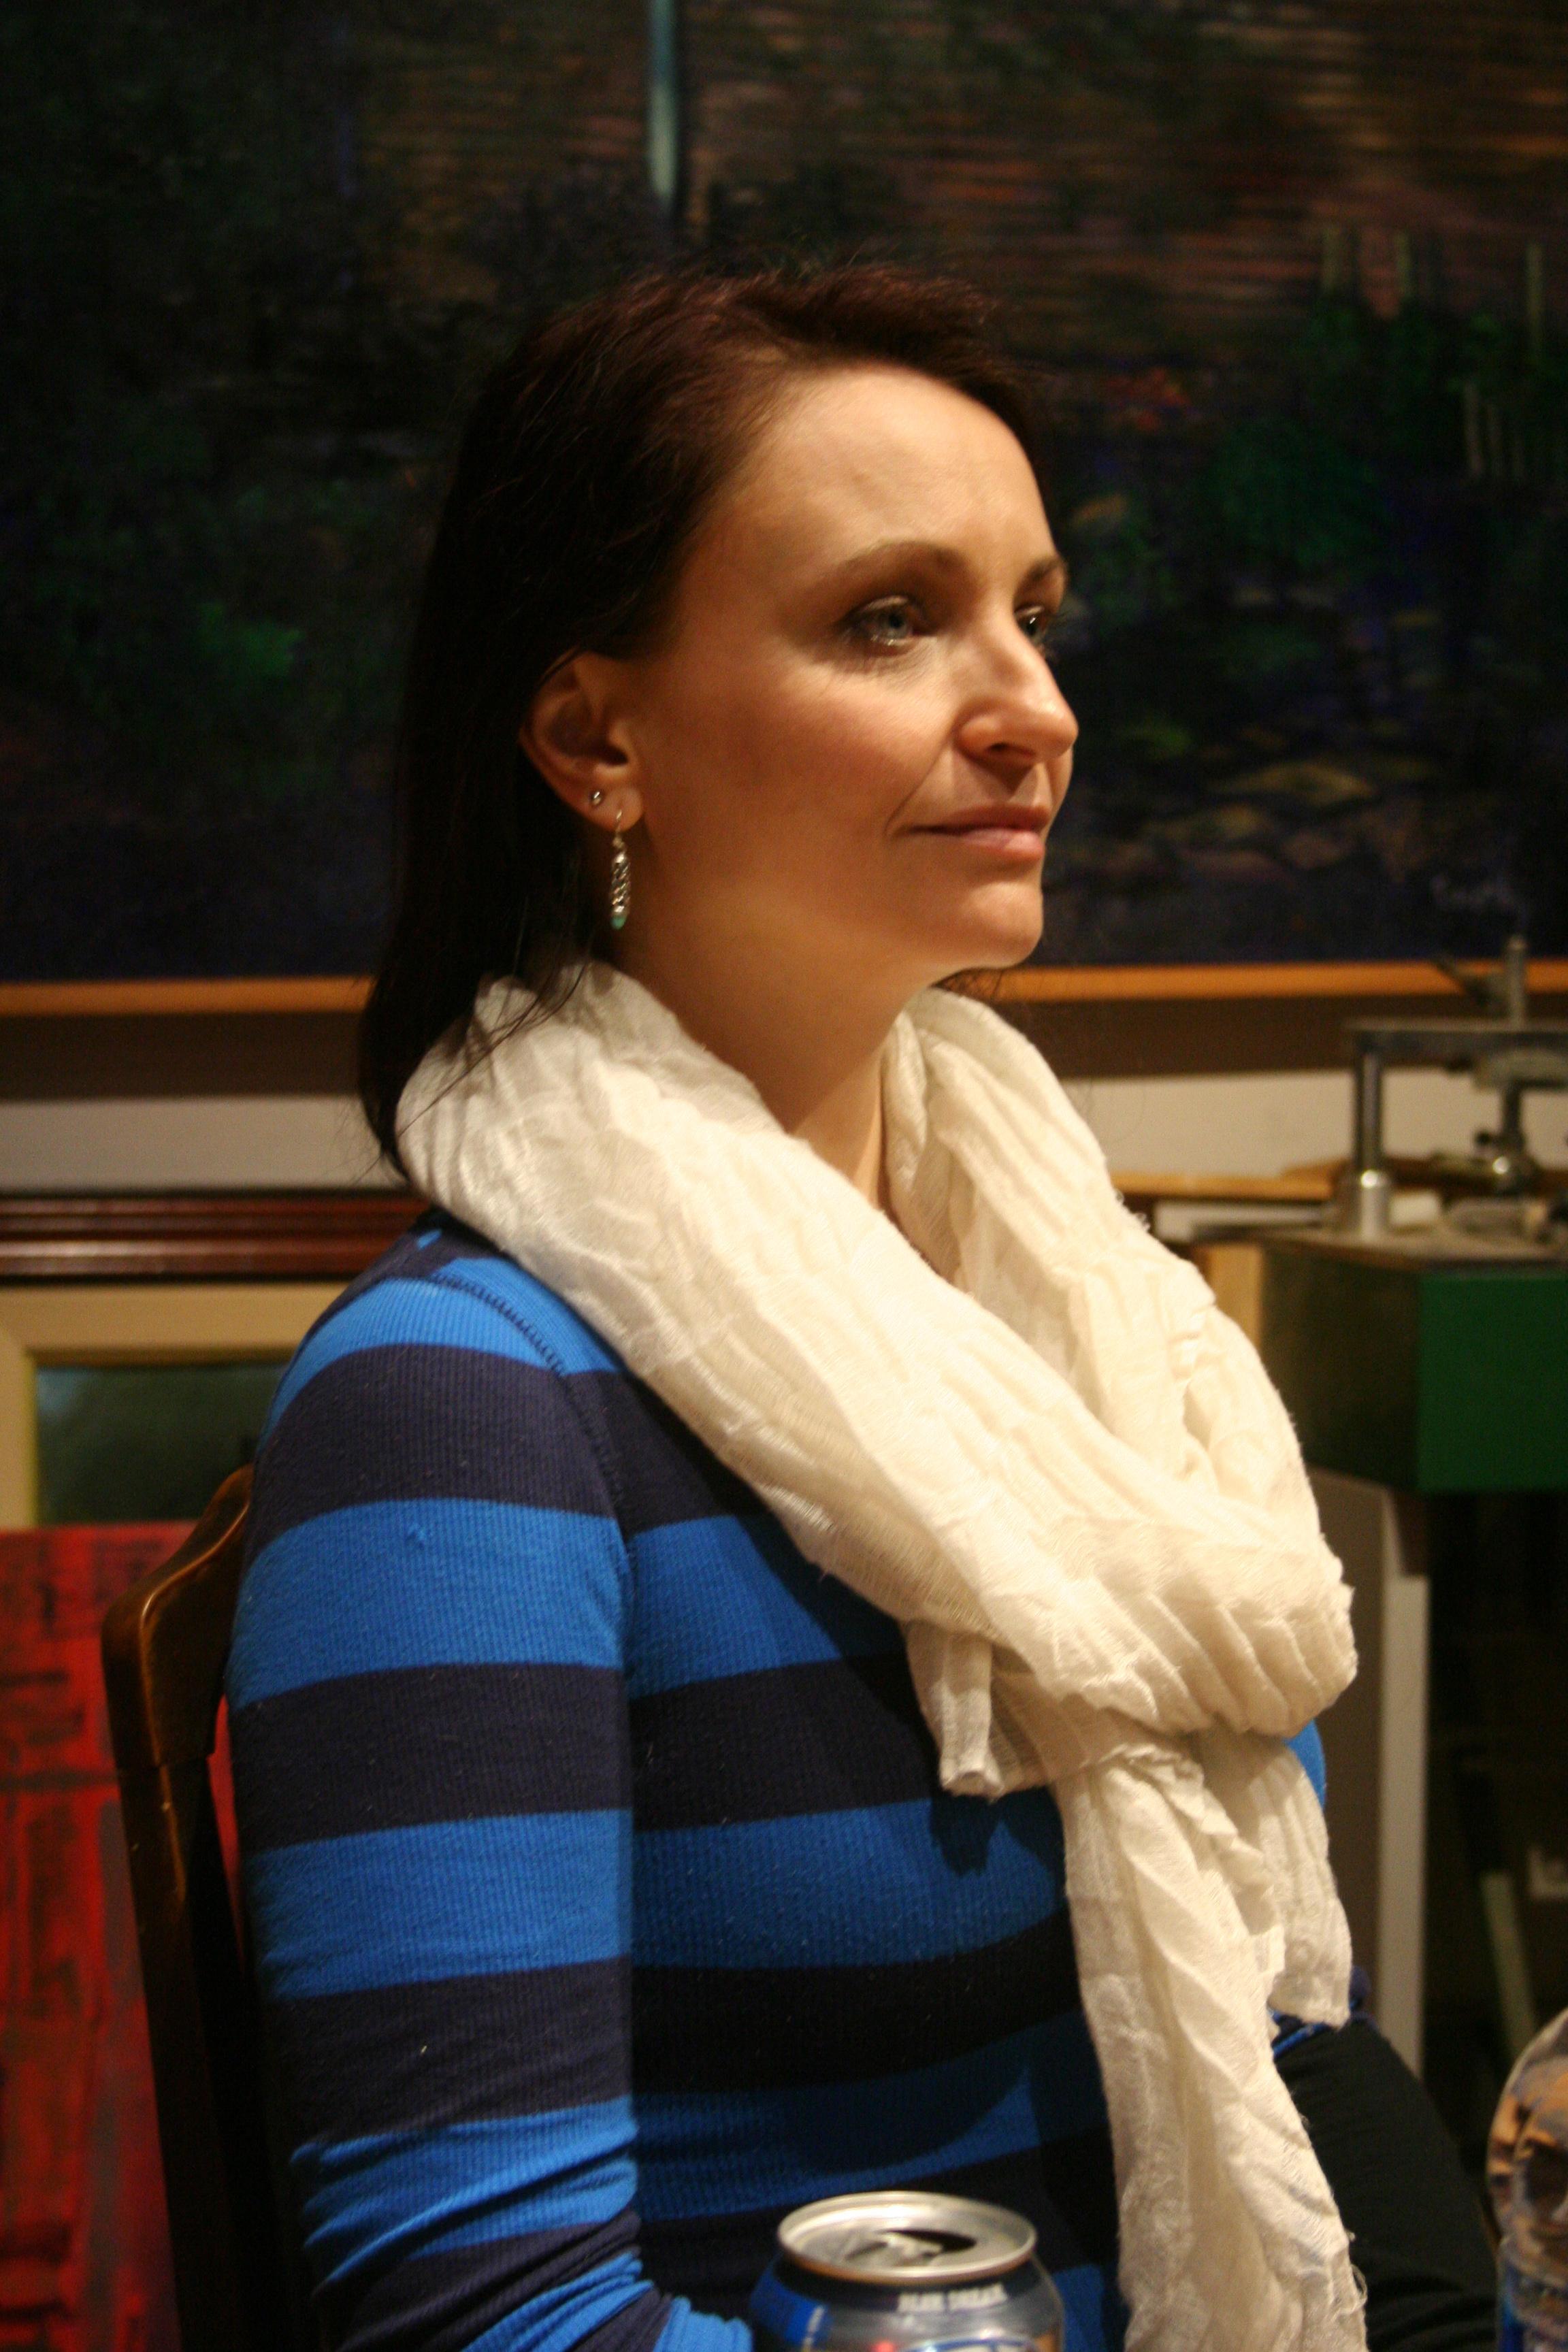 Profile of Izabela.